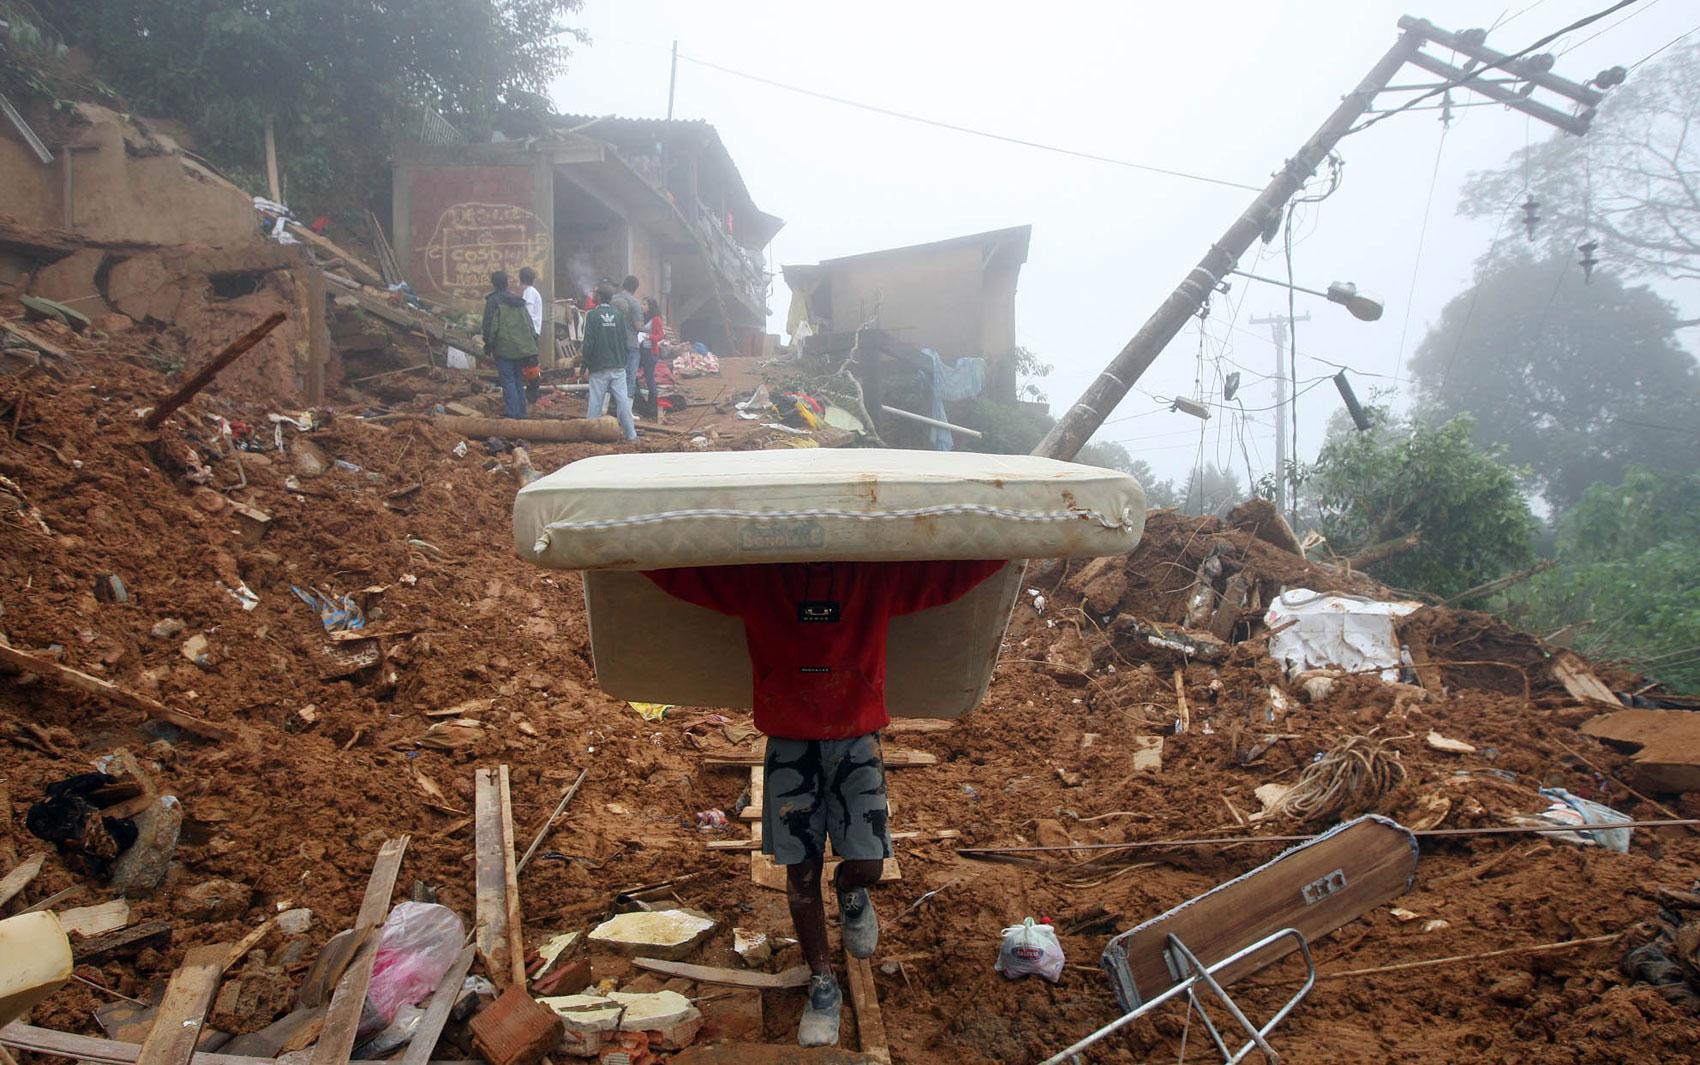 20 de março - Moradores retiram pertences de casas atingidas por deslizamento na rua Caminho do Imperador, em Alto Independência, Petrópolis